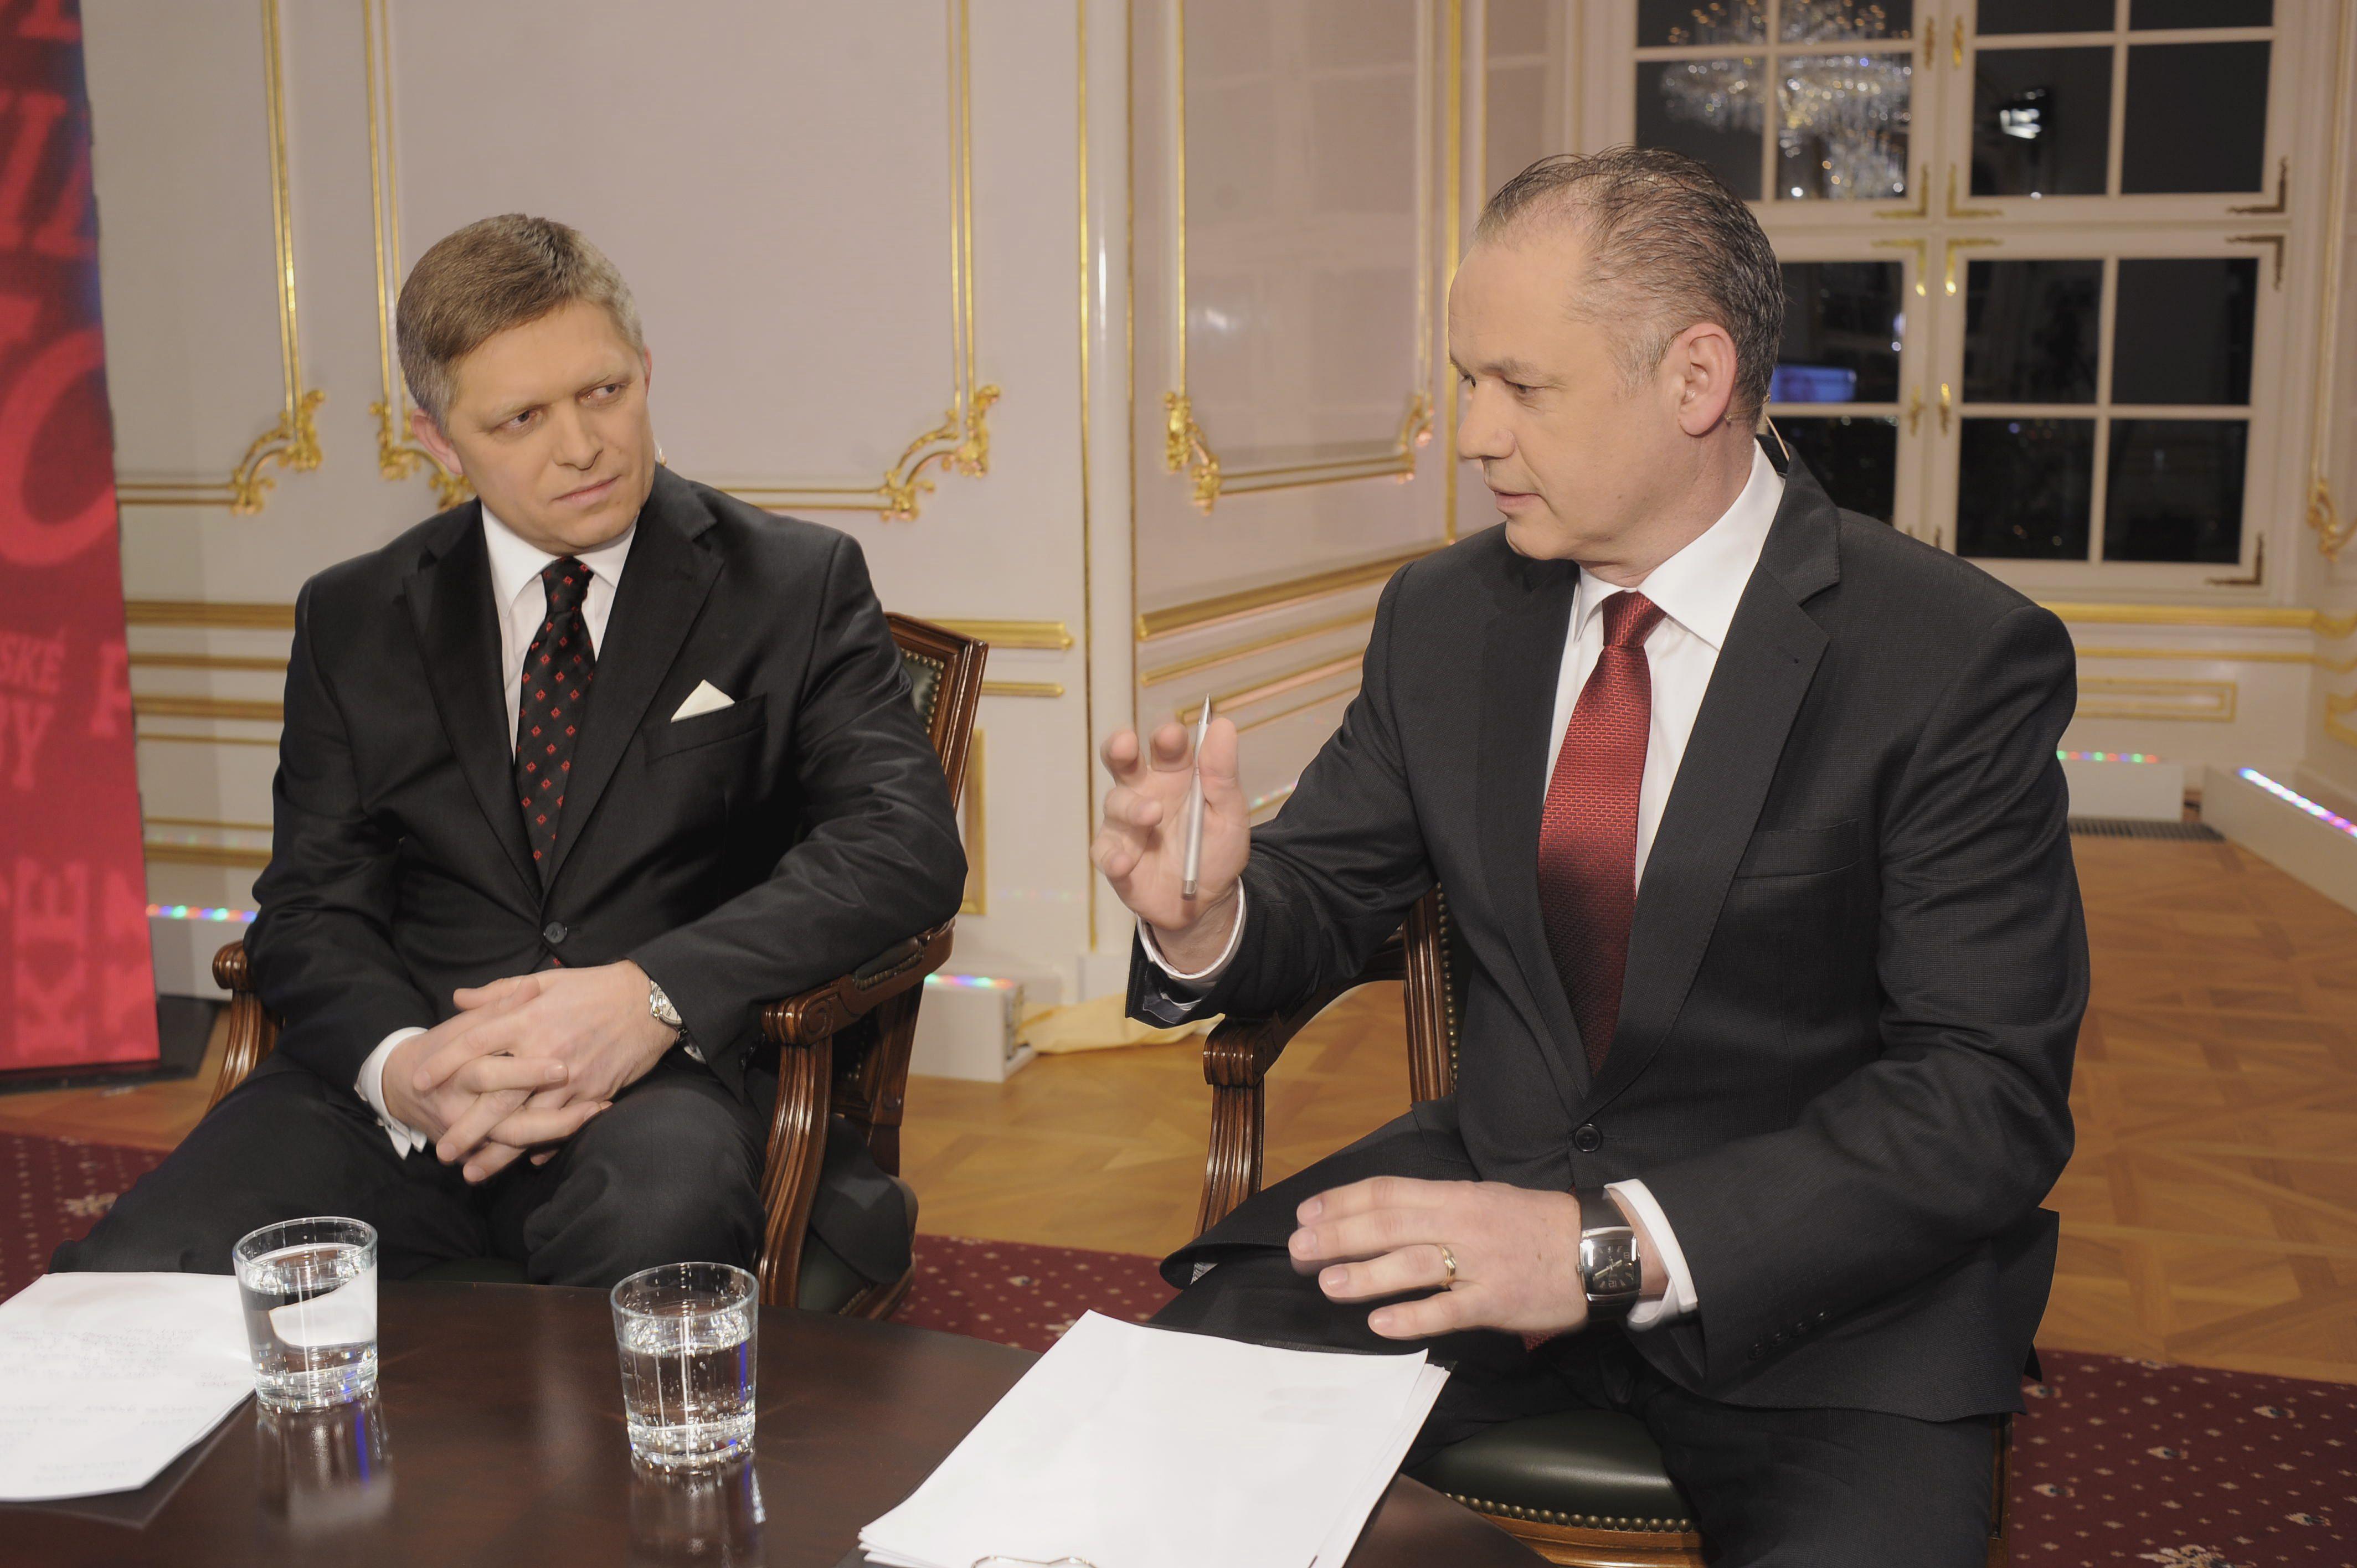 Fico a Kiska ešte ako prezidentskí kanditáti. Foto – TASR